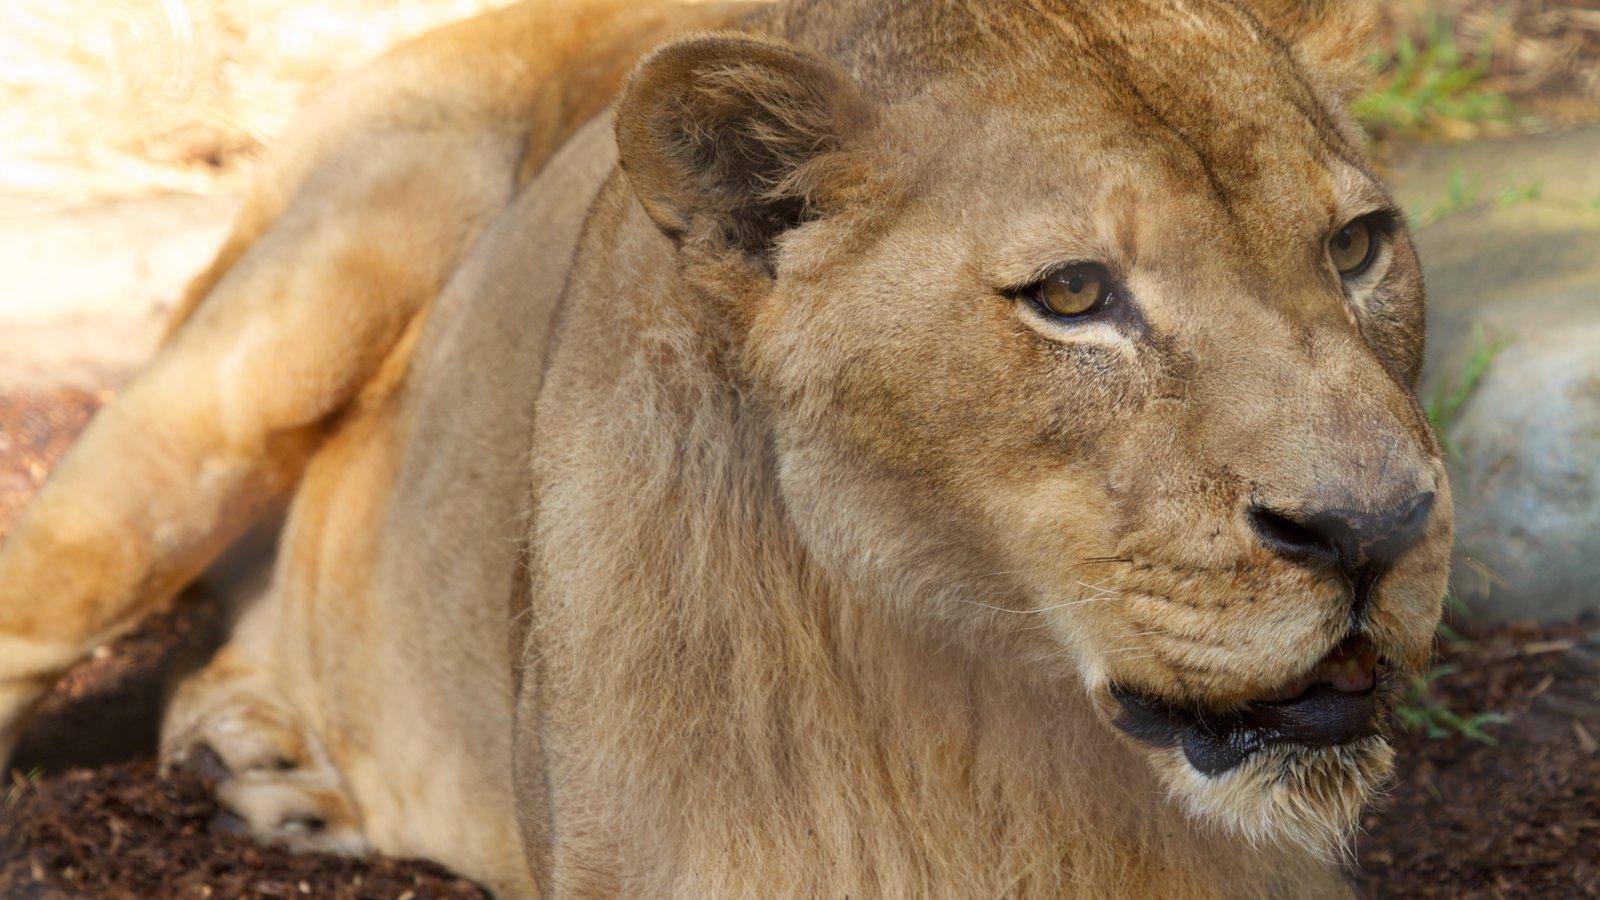 San Diego Zoo caracterizando animais perigosos e animais de zoológico